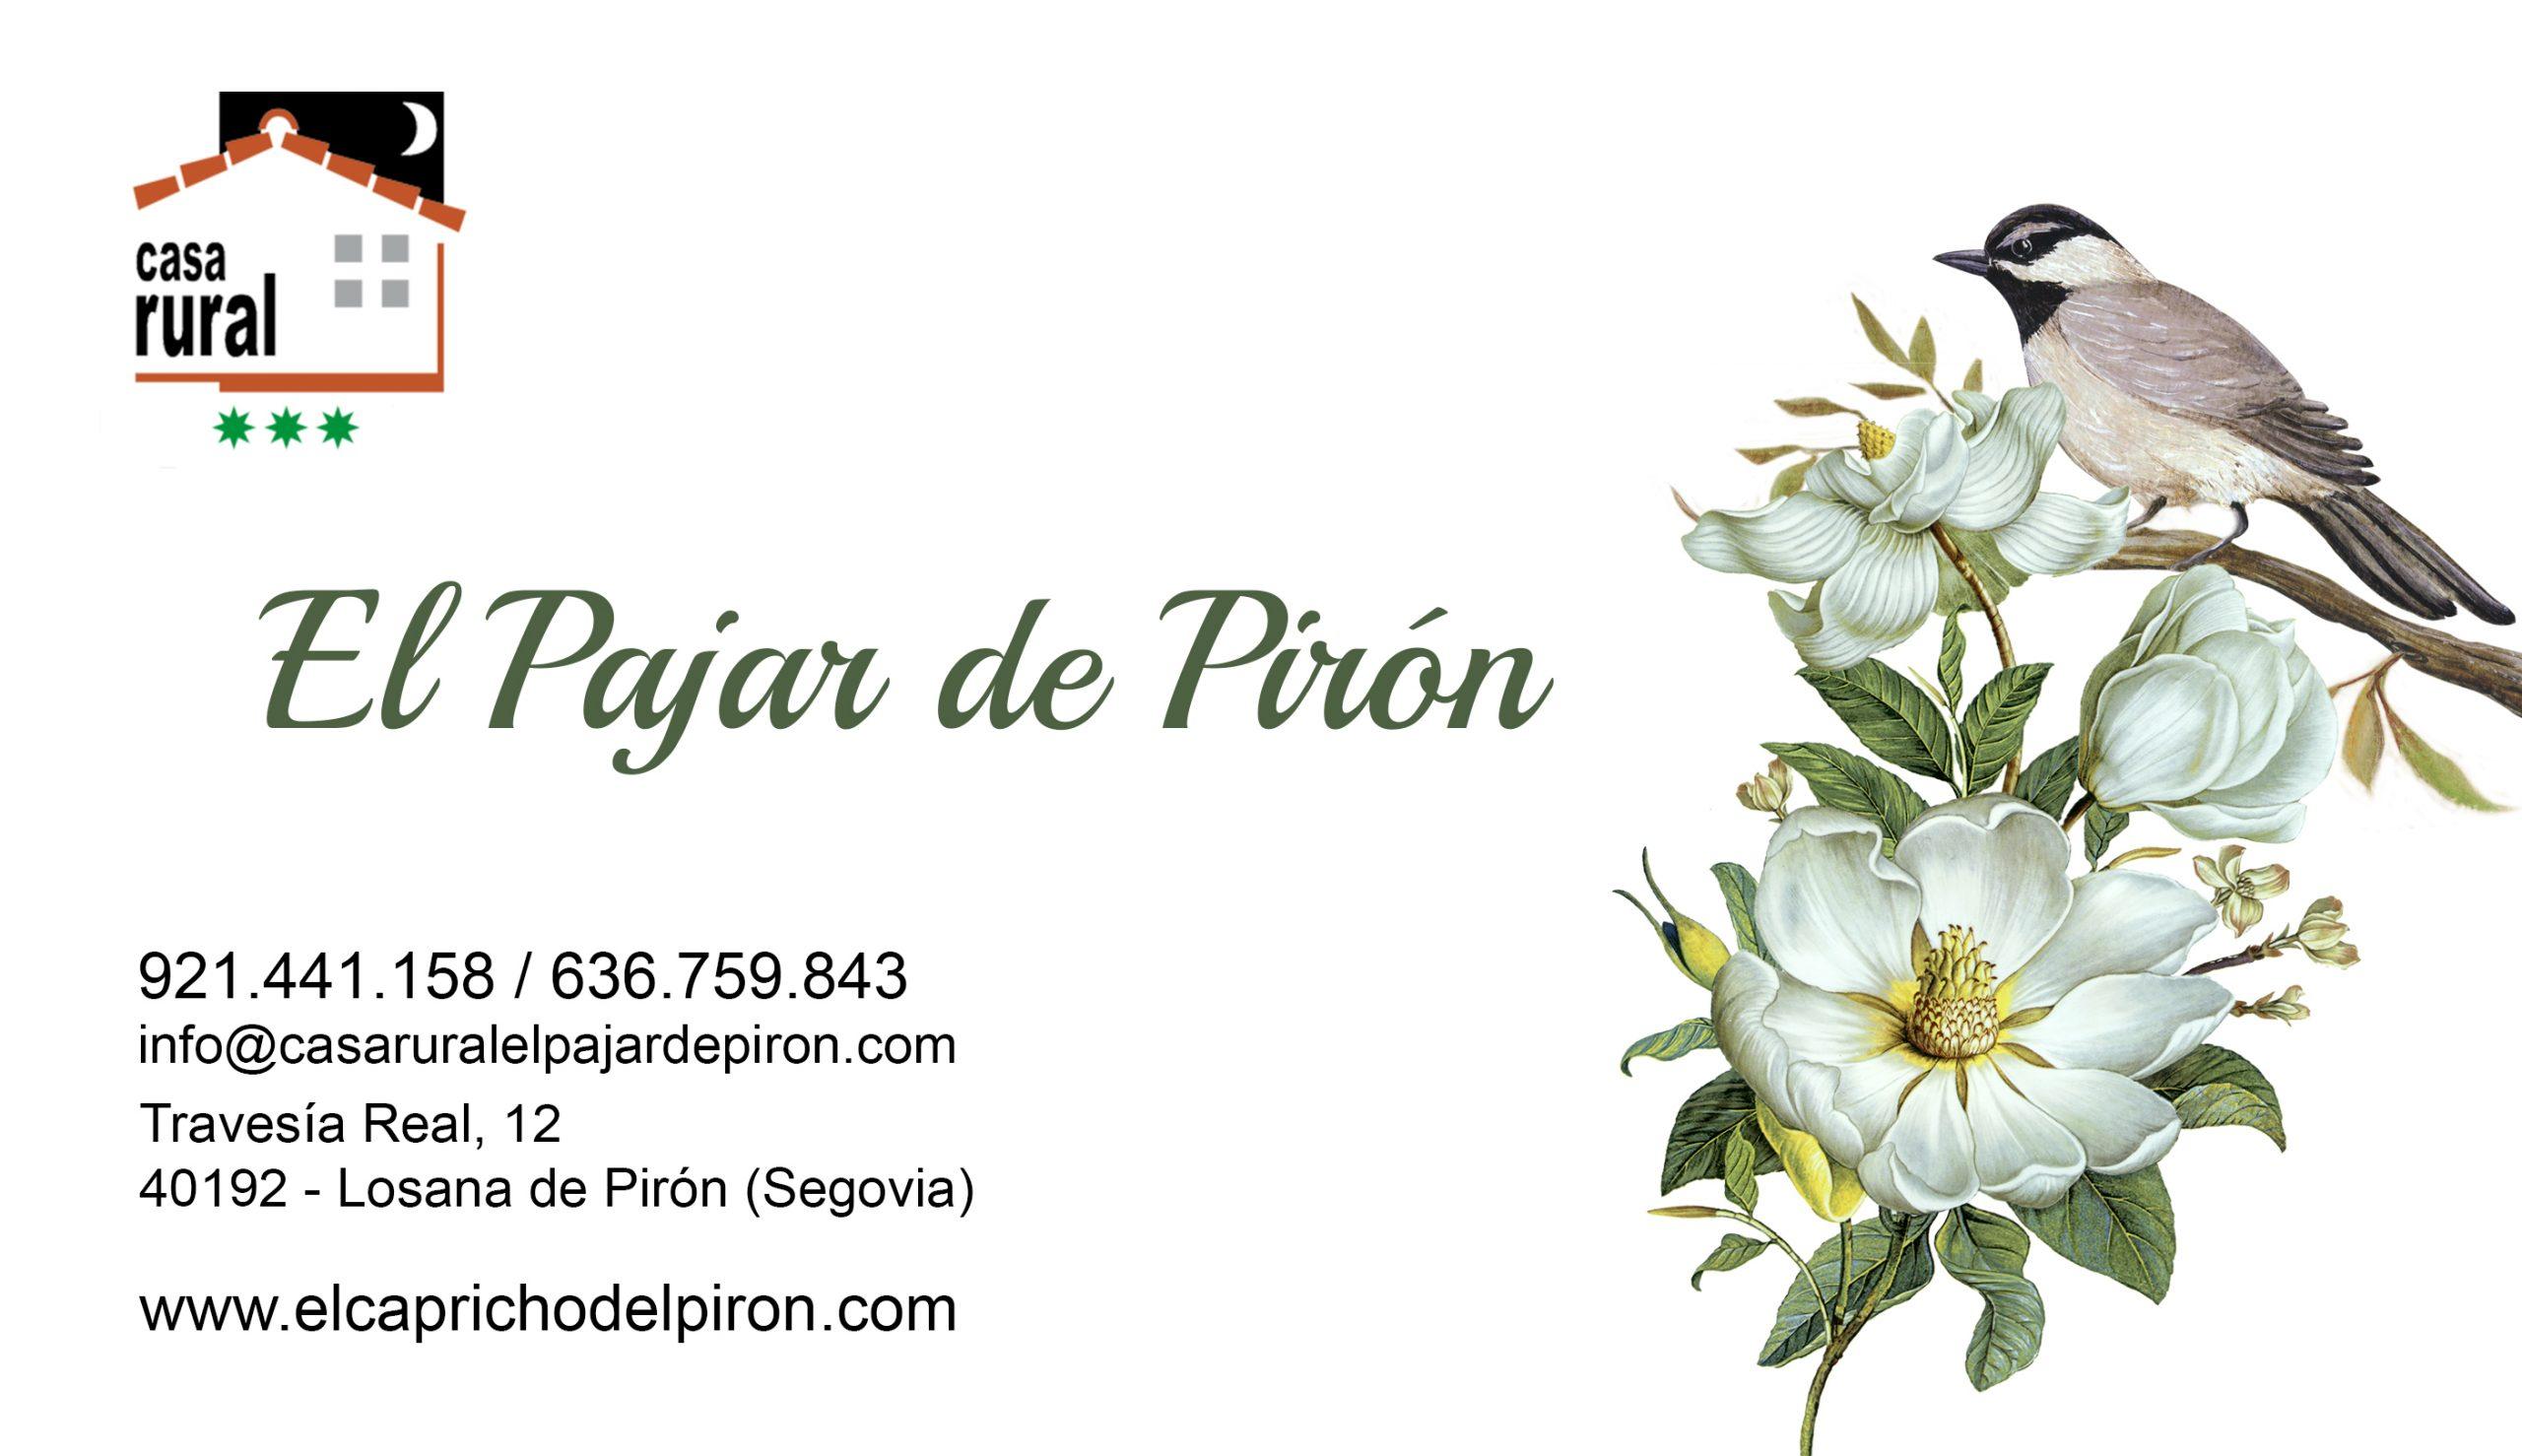 13-El_Pajar_del_Piron